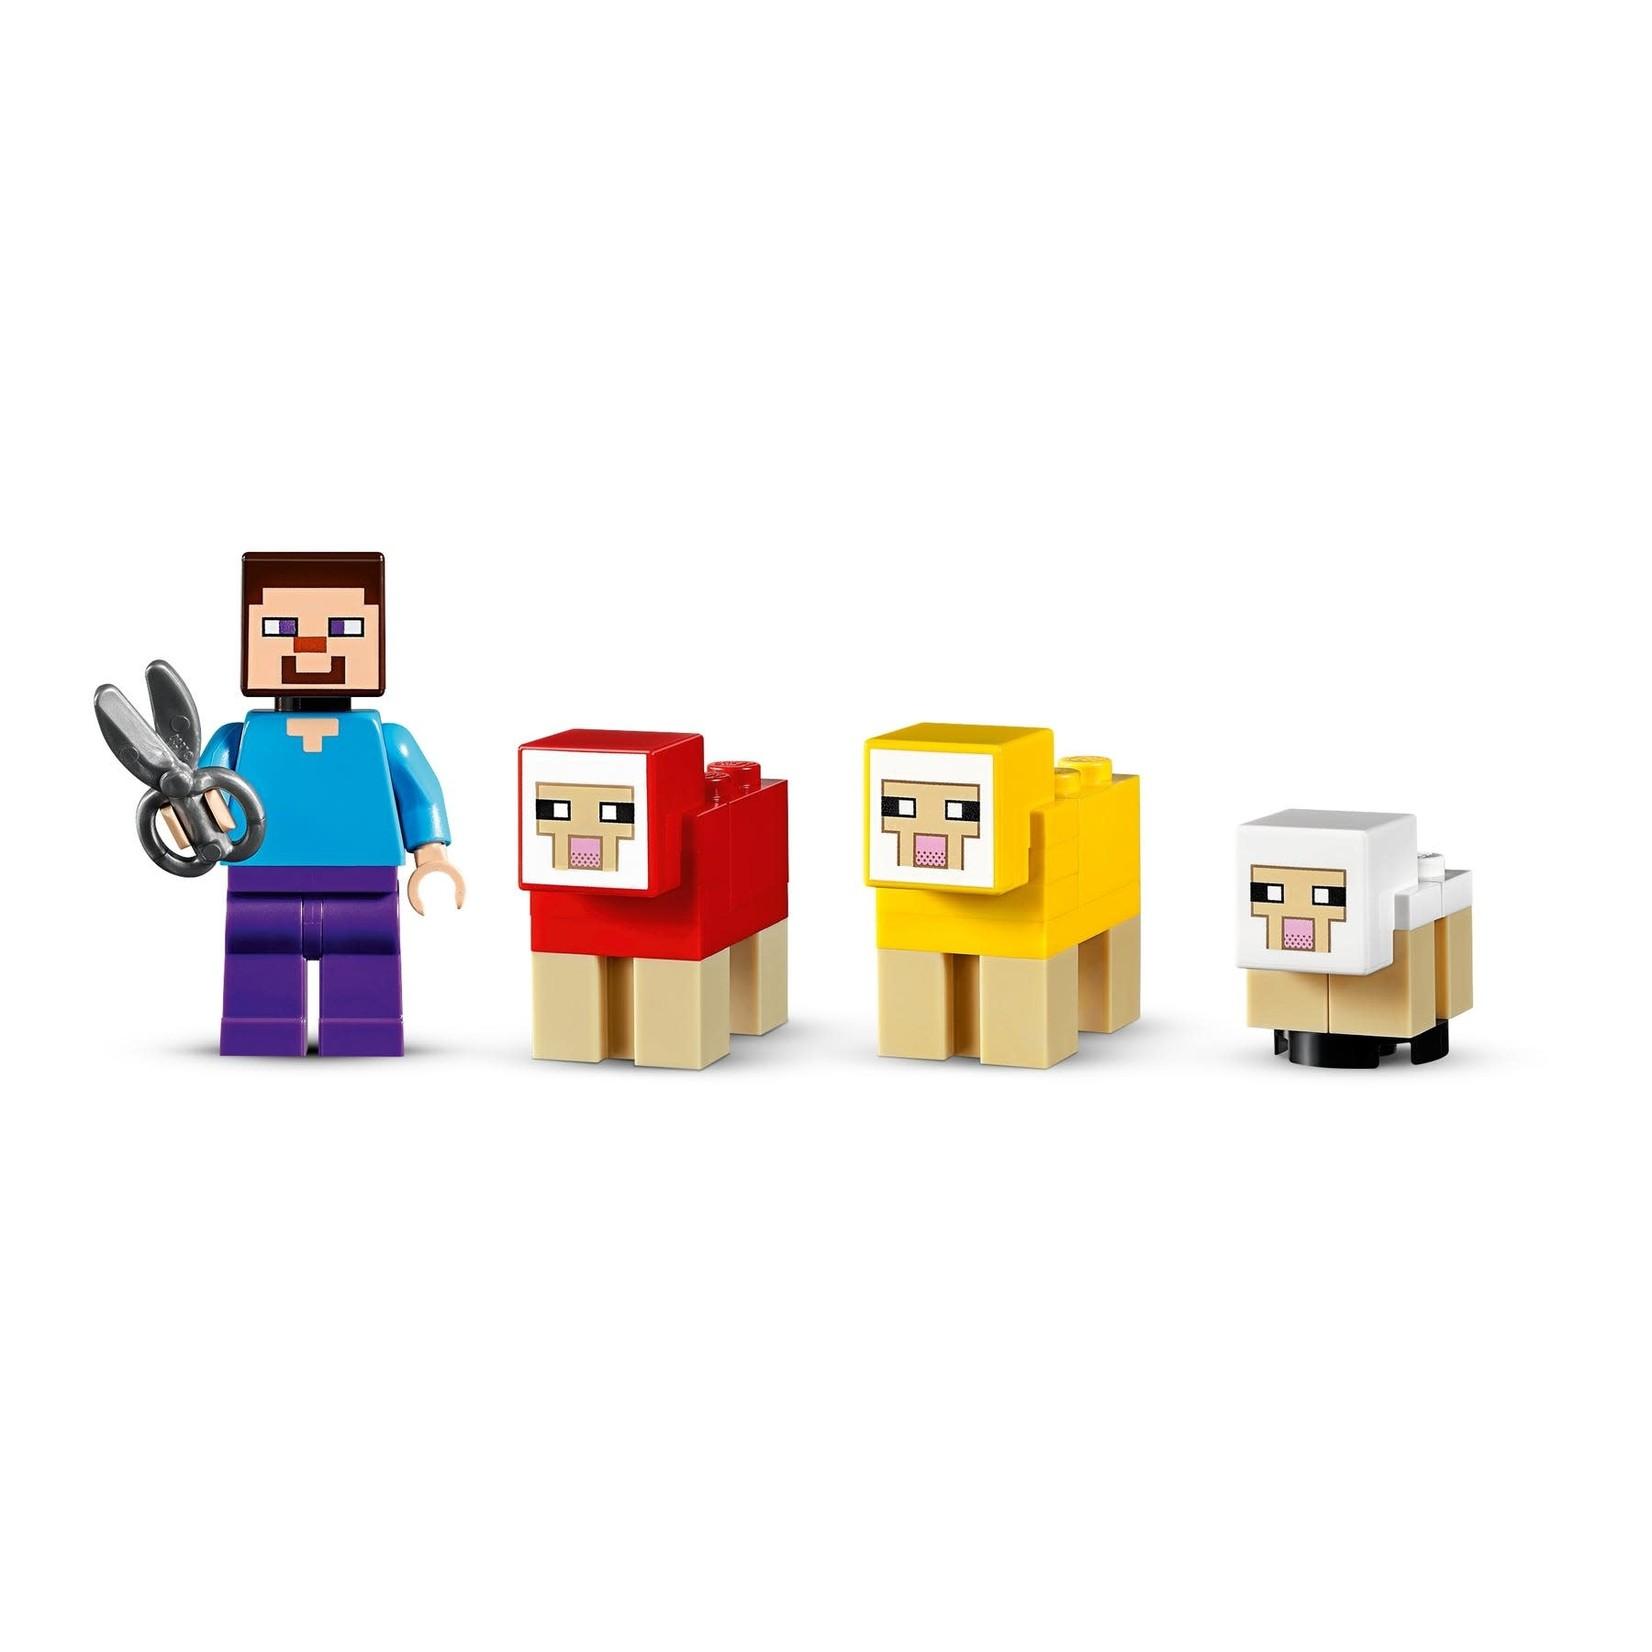 LEGO LEGO Minecraft The Wool Farm